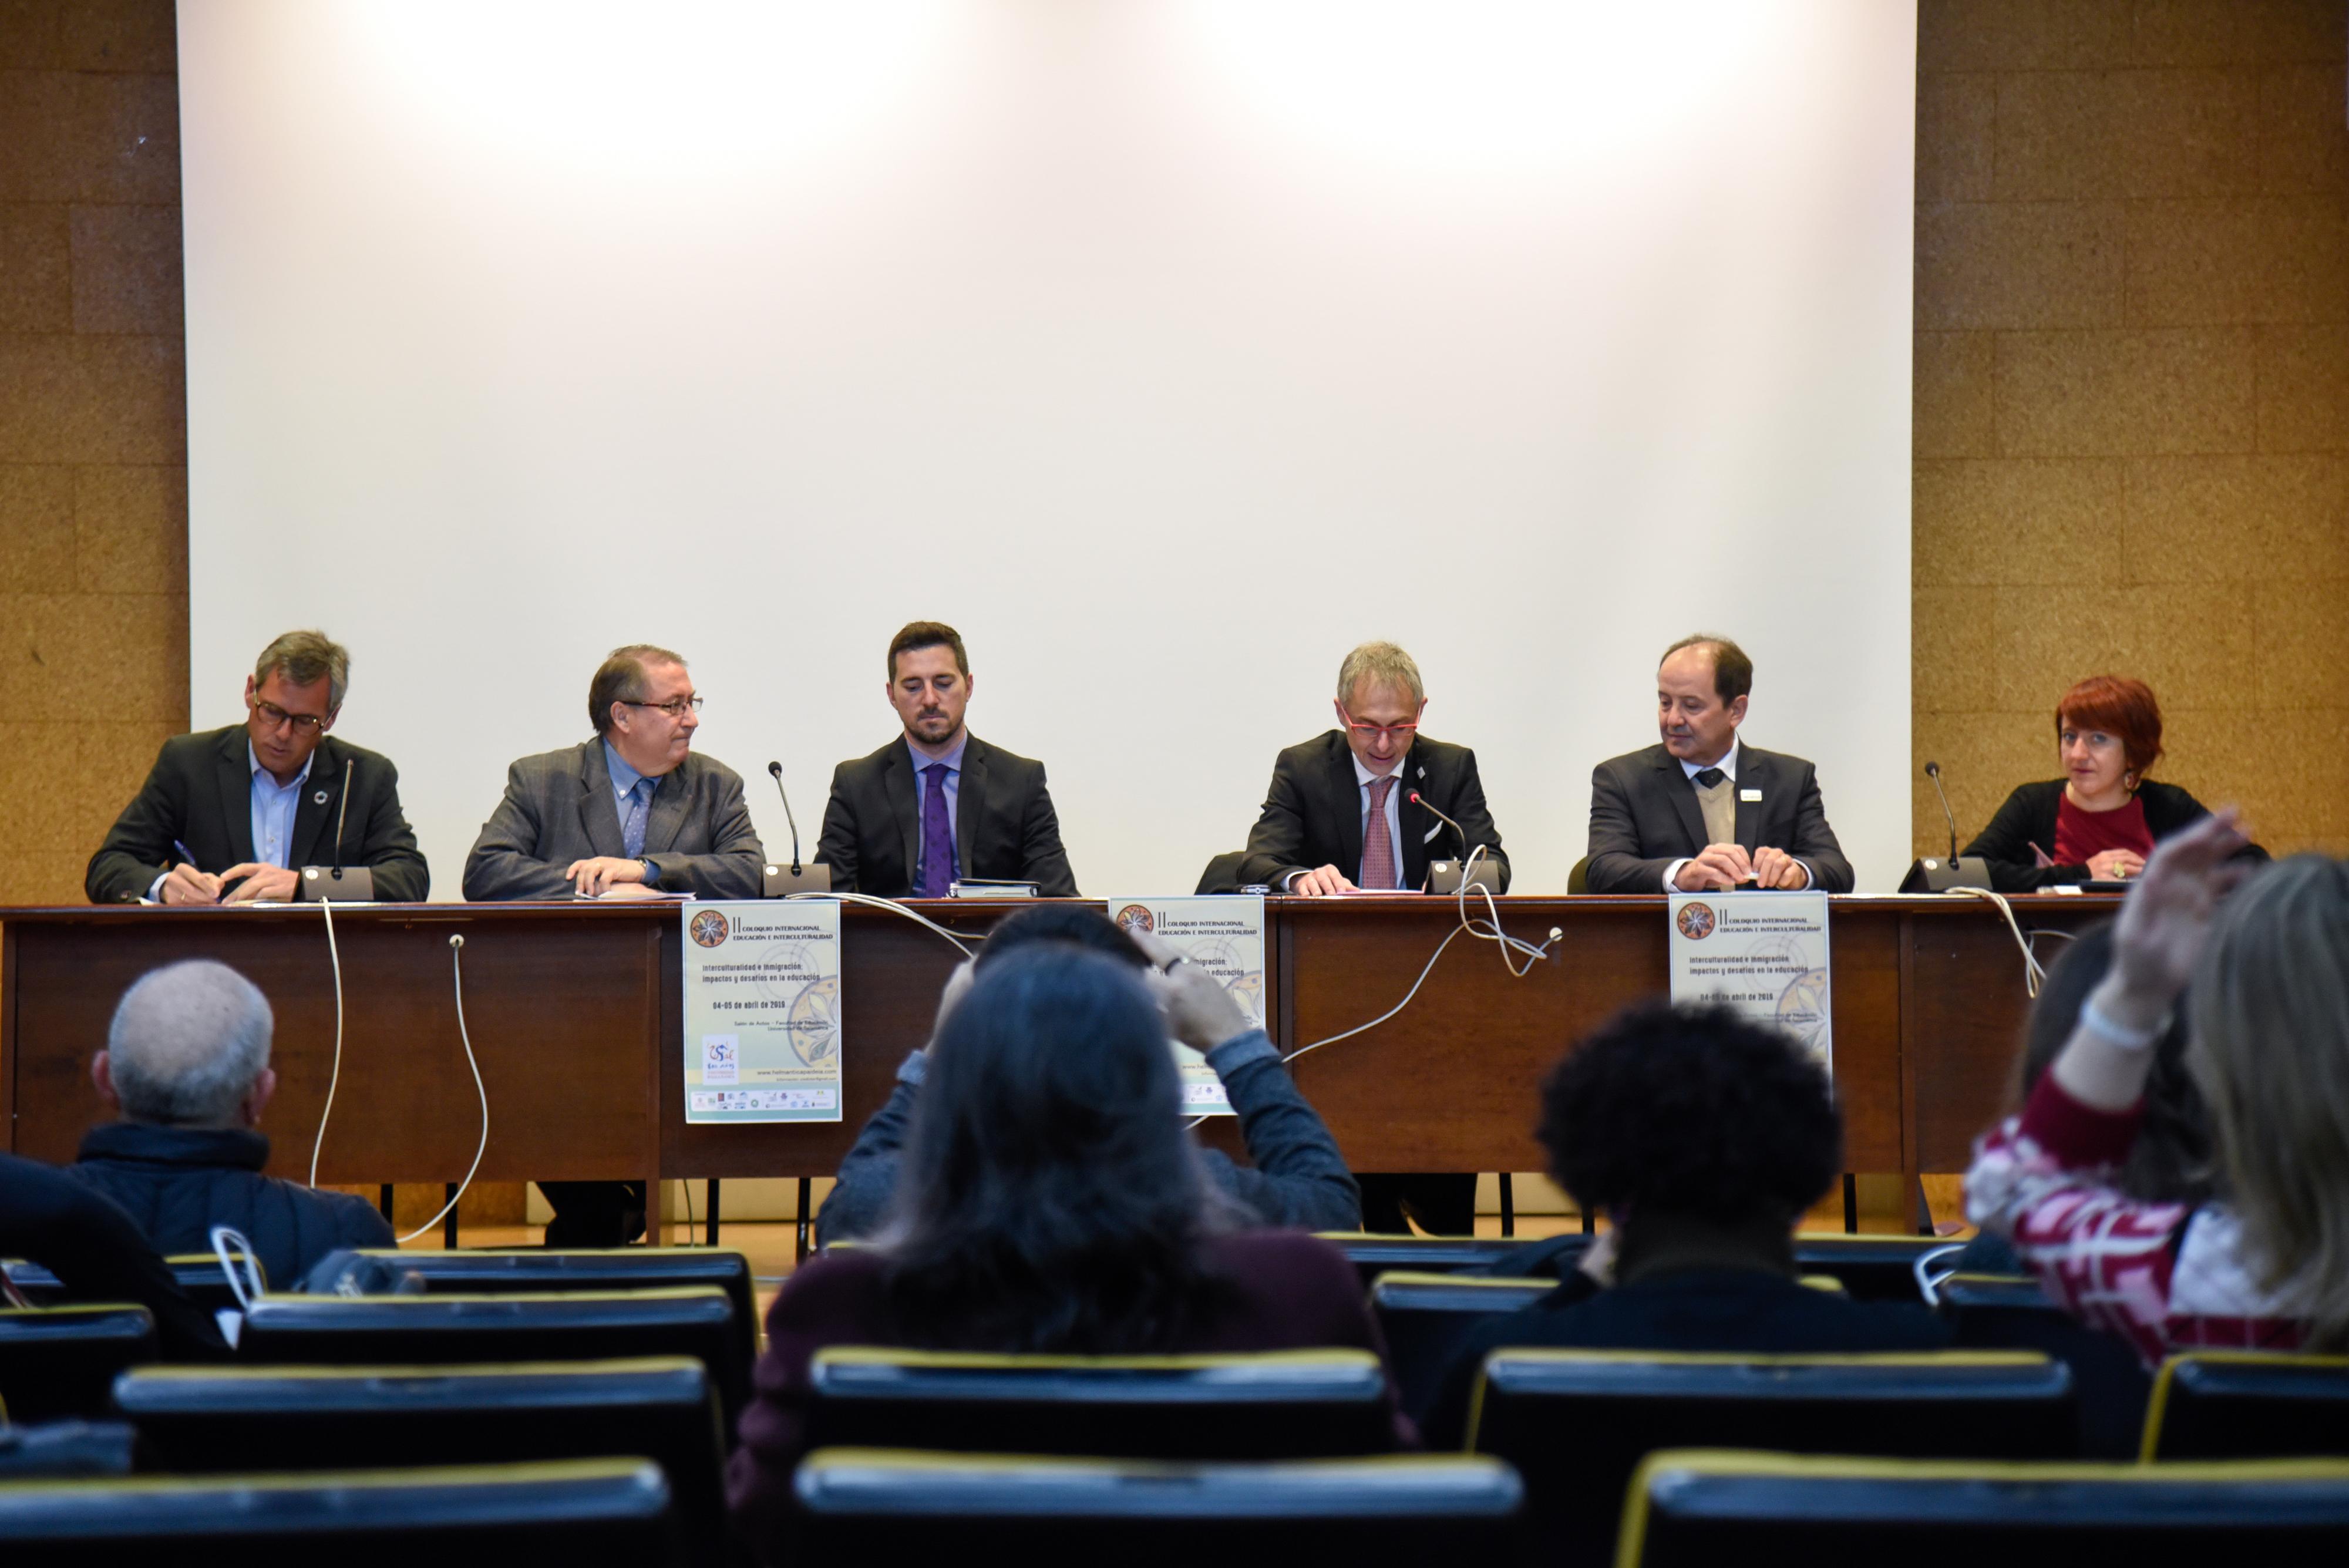 La Universidad de Salamanca inaugura el II Coloquio internacional sobre Educación e Interculturalidad